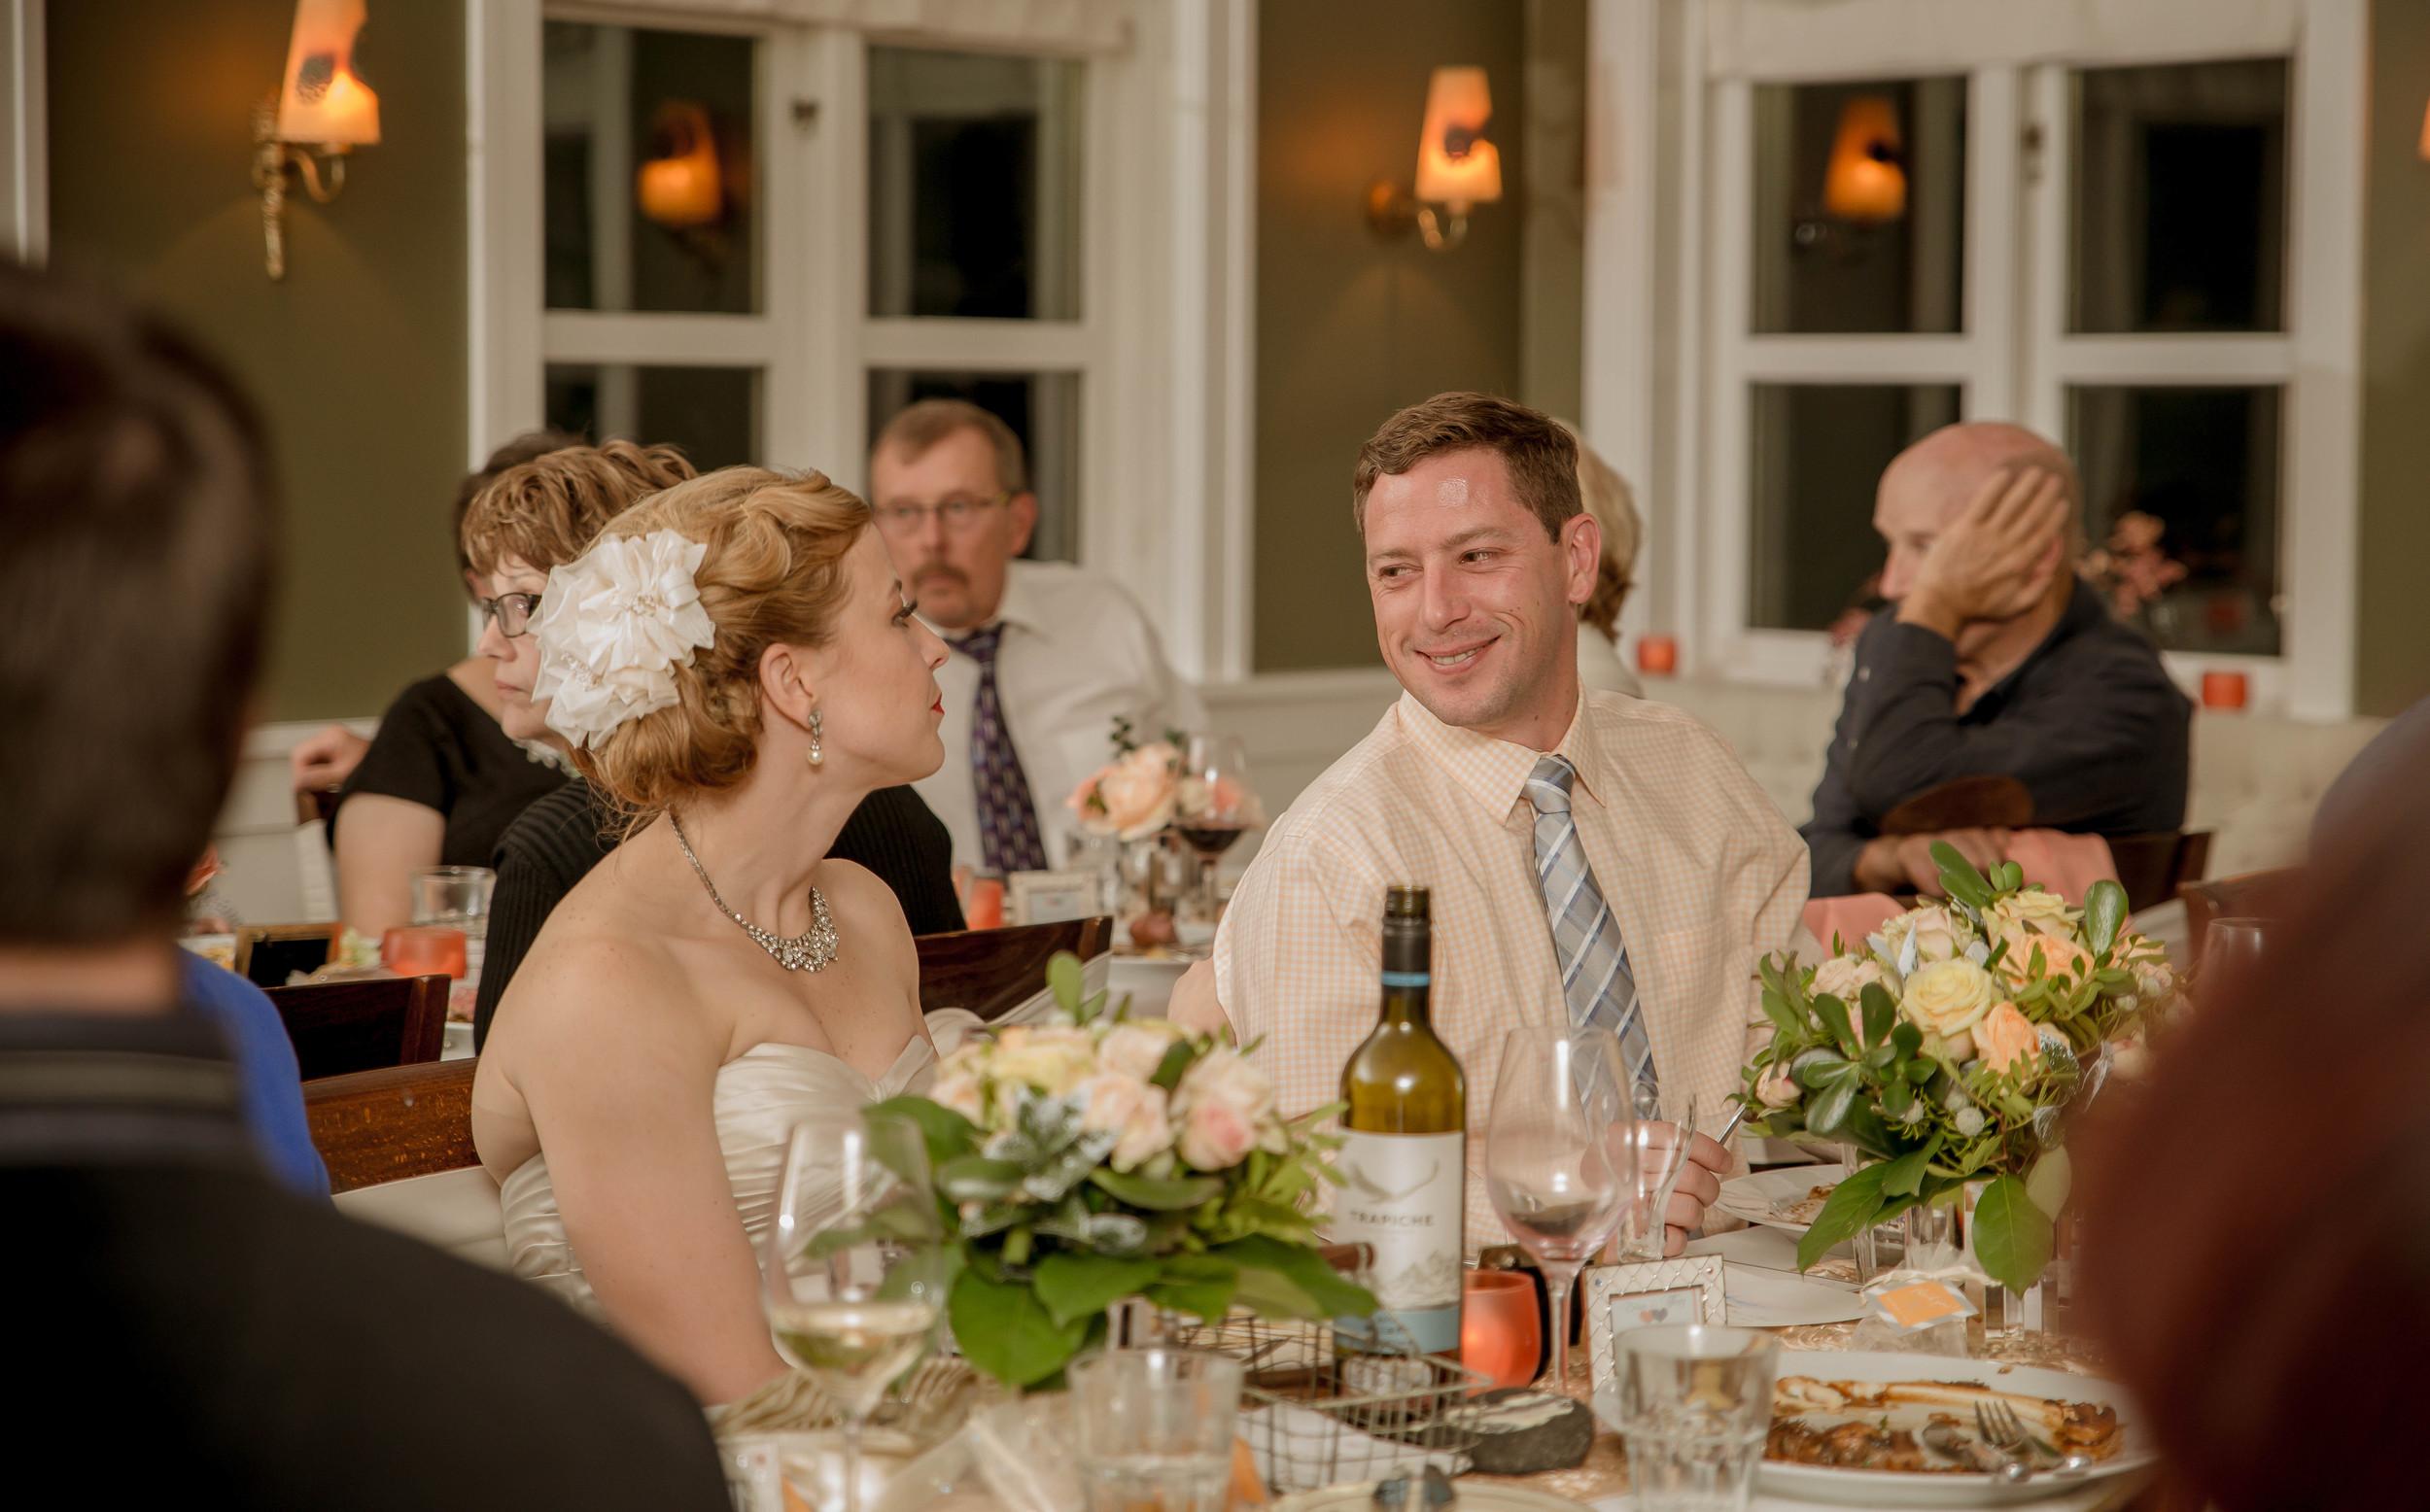 Iceland-Wedding-Photographer-Photos-by-Miss-Ann-56.jpg